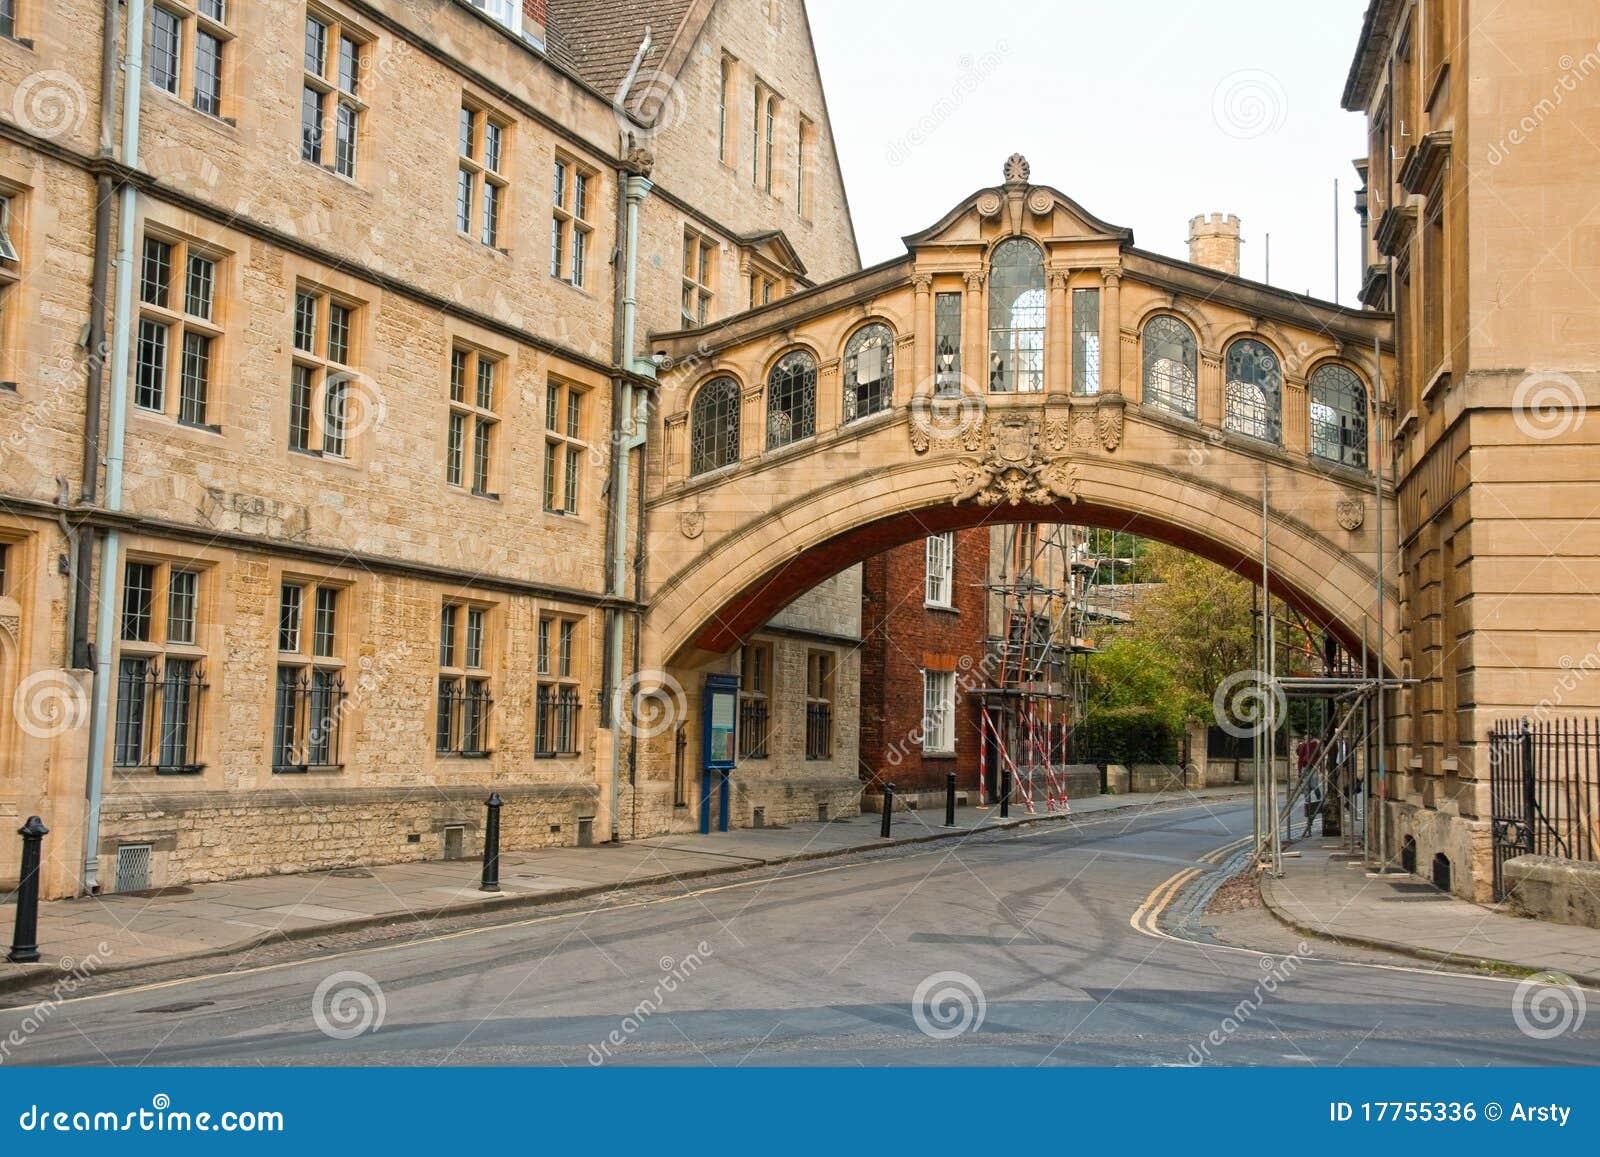 Oxford (AL) United States  city photos gallery : Ville D'Oxford. LE R U Image libre de droits Image: 17755336